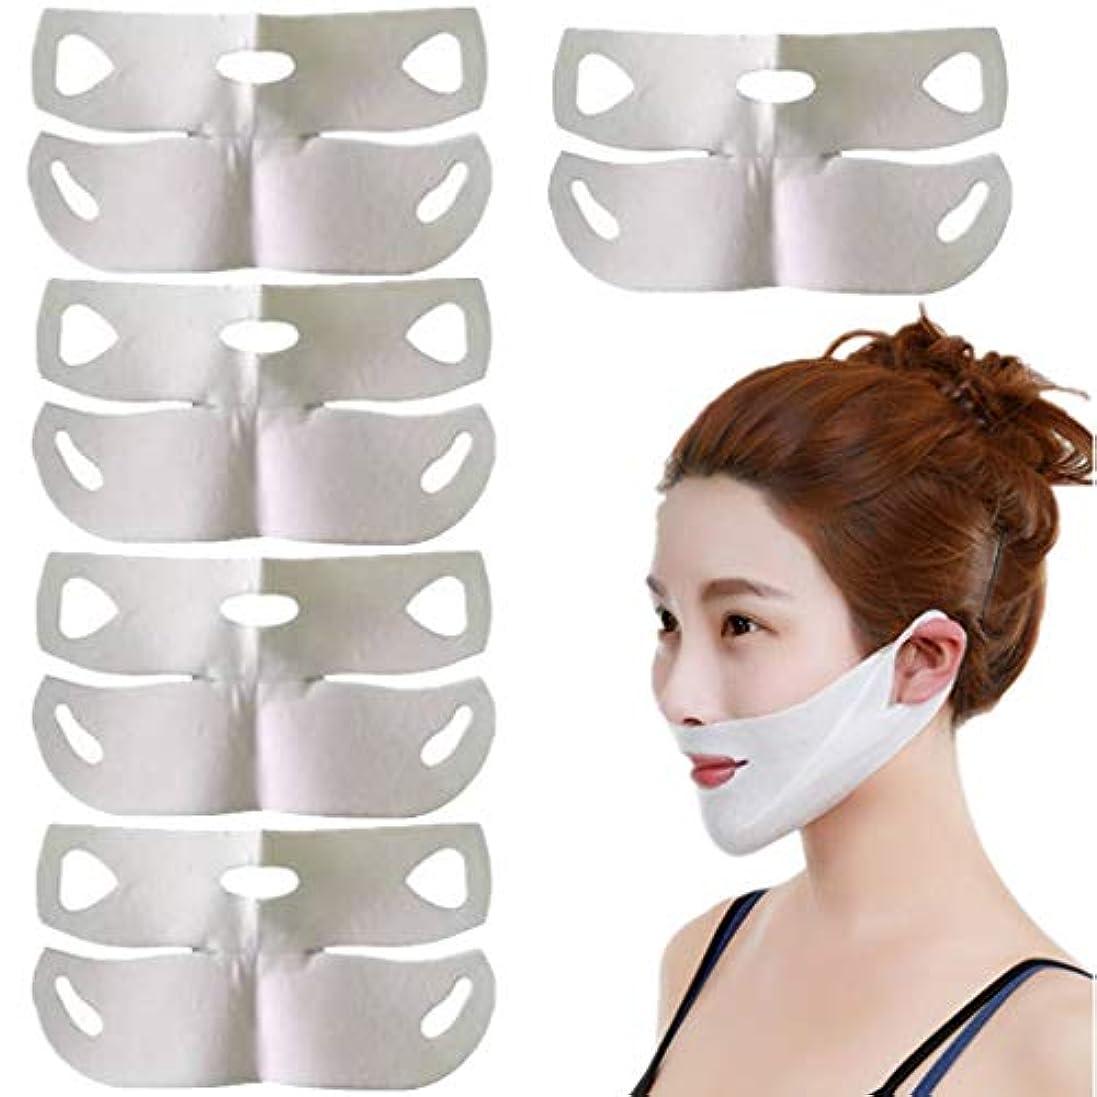 かりてうまレディTumao 小顔 リフトアップ フェイスマスク リフトアップマスク 5枚 小顔 矯正 小顔 ベルト 顔痩せ フェイスパック フェイスベルト 耳かけ 小顔効果 顎ライン 取り戻す レディース メンズ